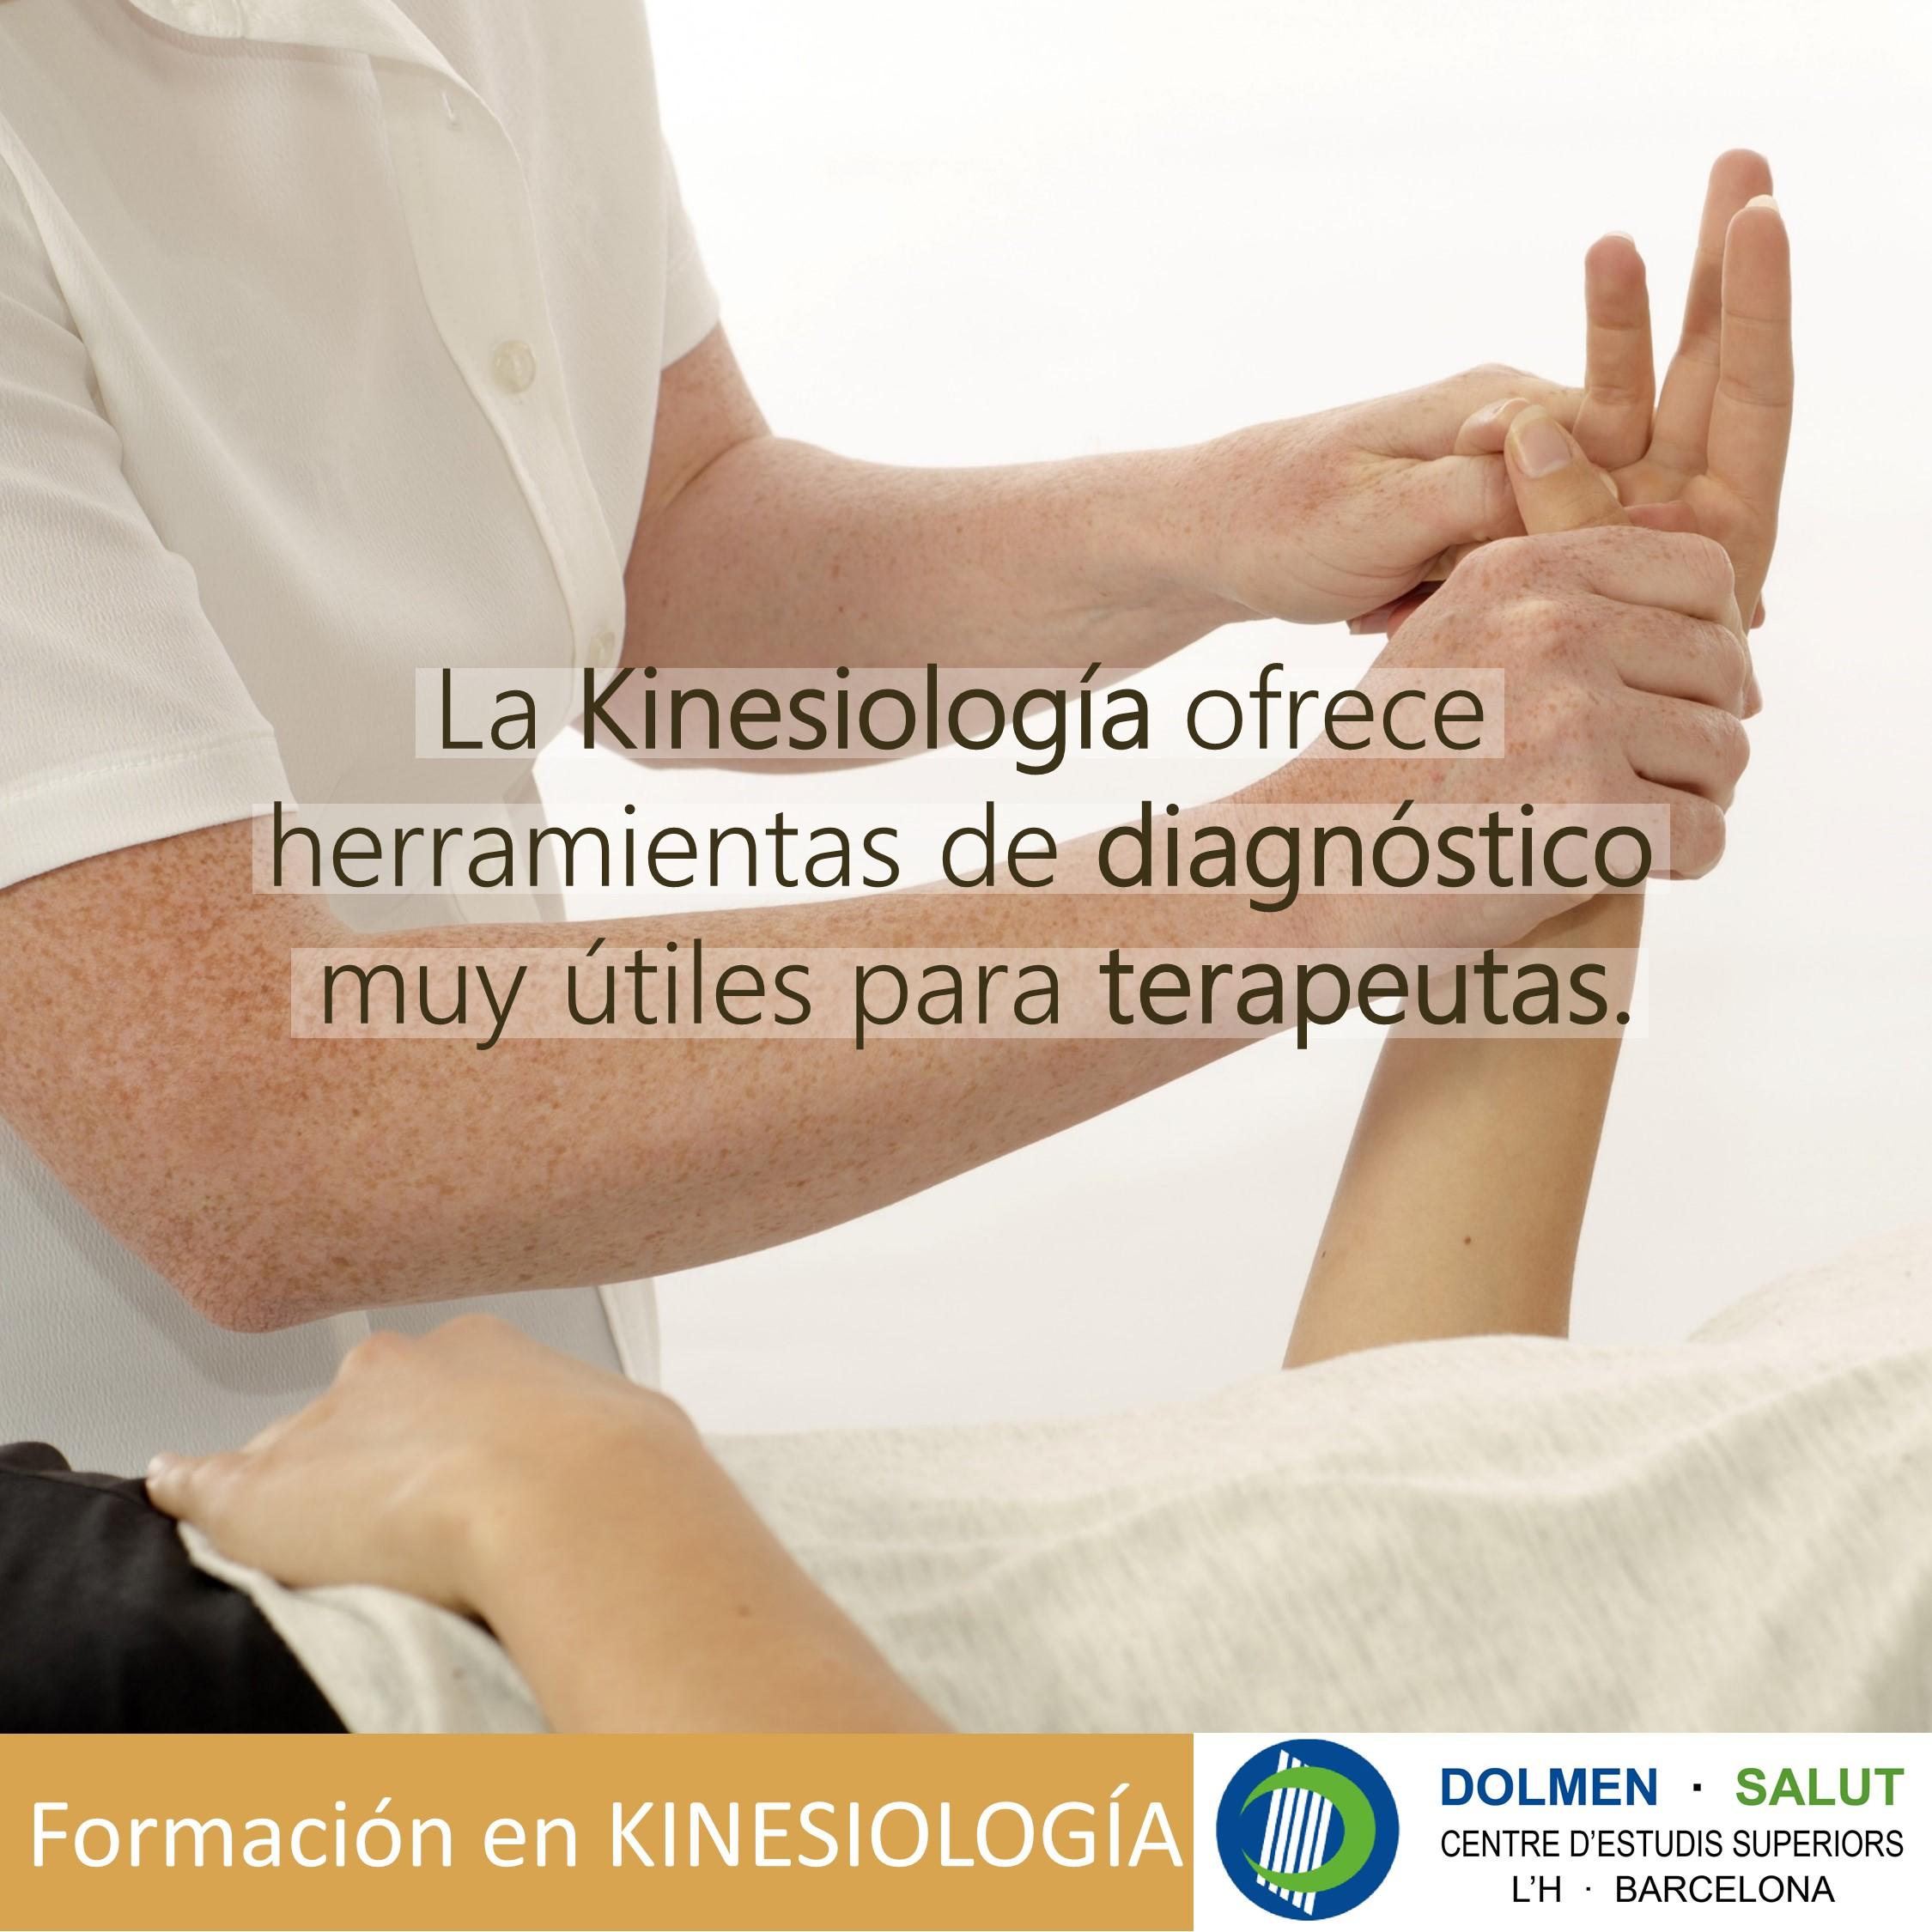 La kinesiología ofrece herramientas de diagnóstico muy útiles para terapeutas